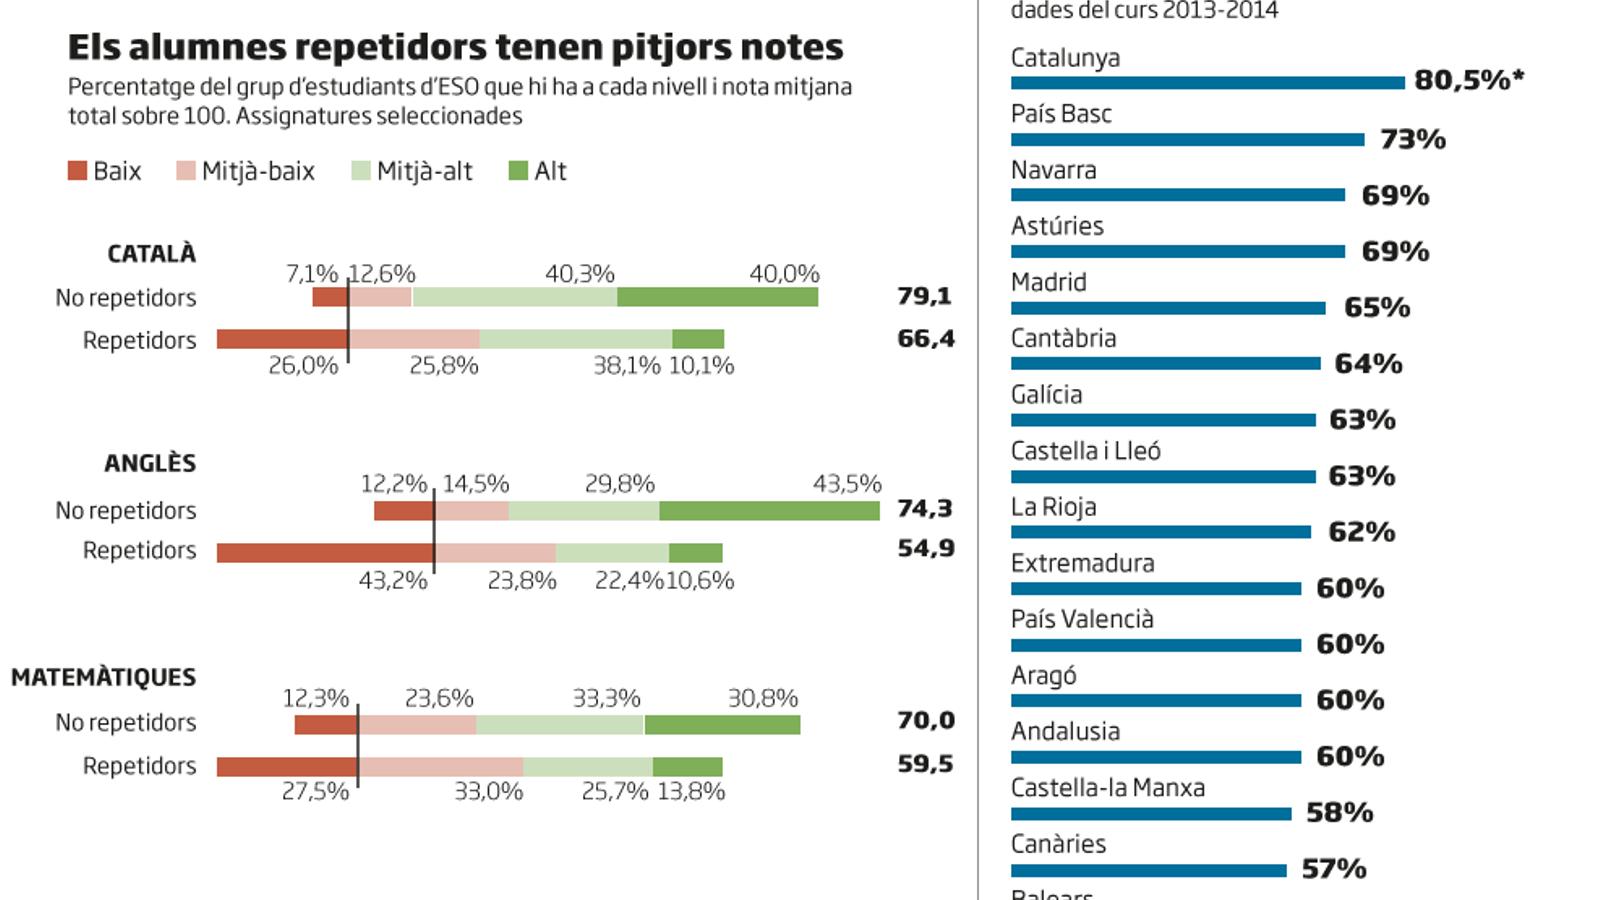 Un de cada cinc alumnes catalans repeteix curs abans dels 16 anys